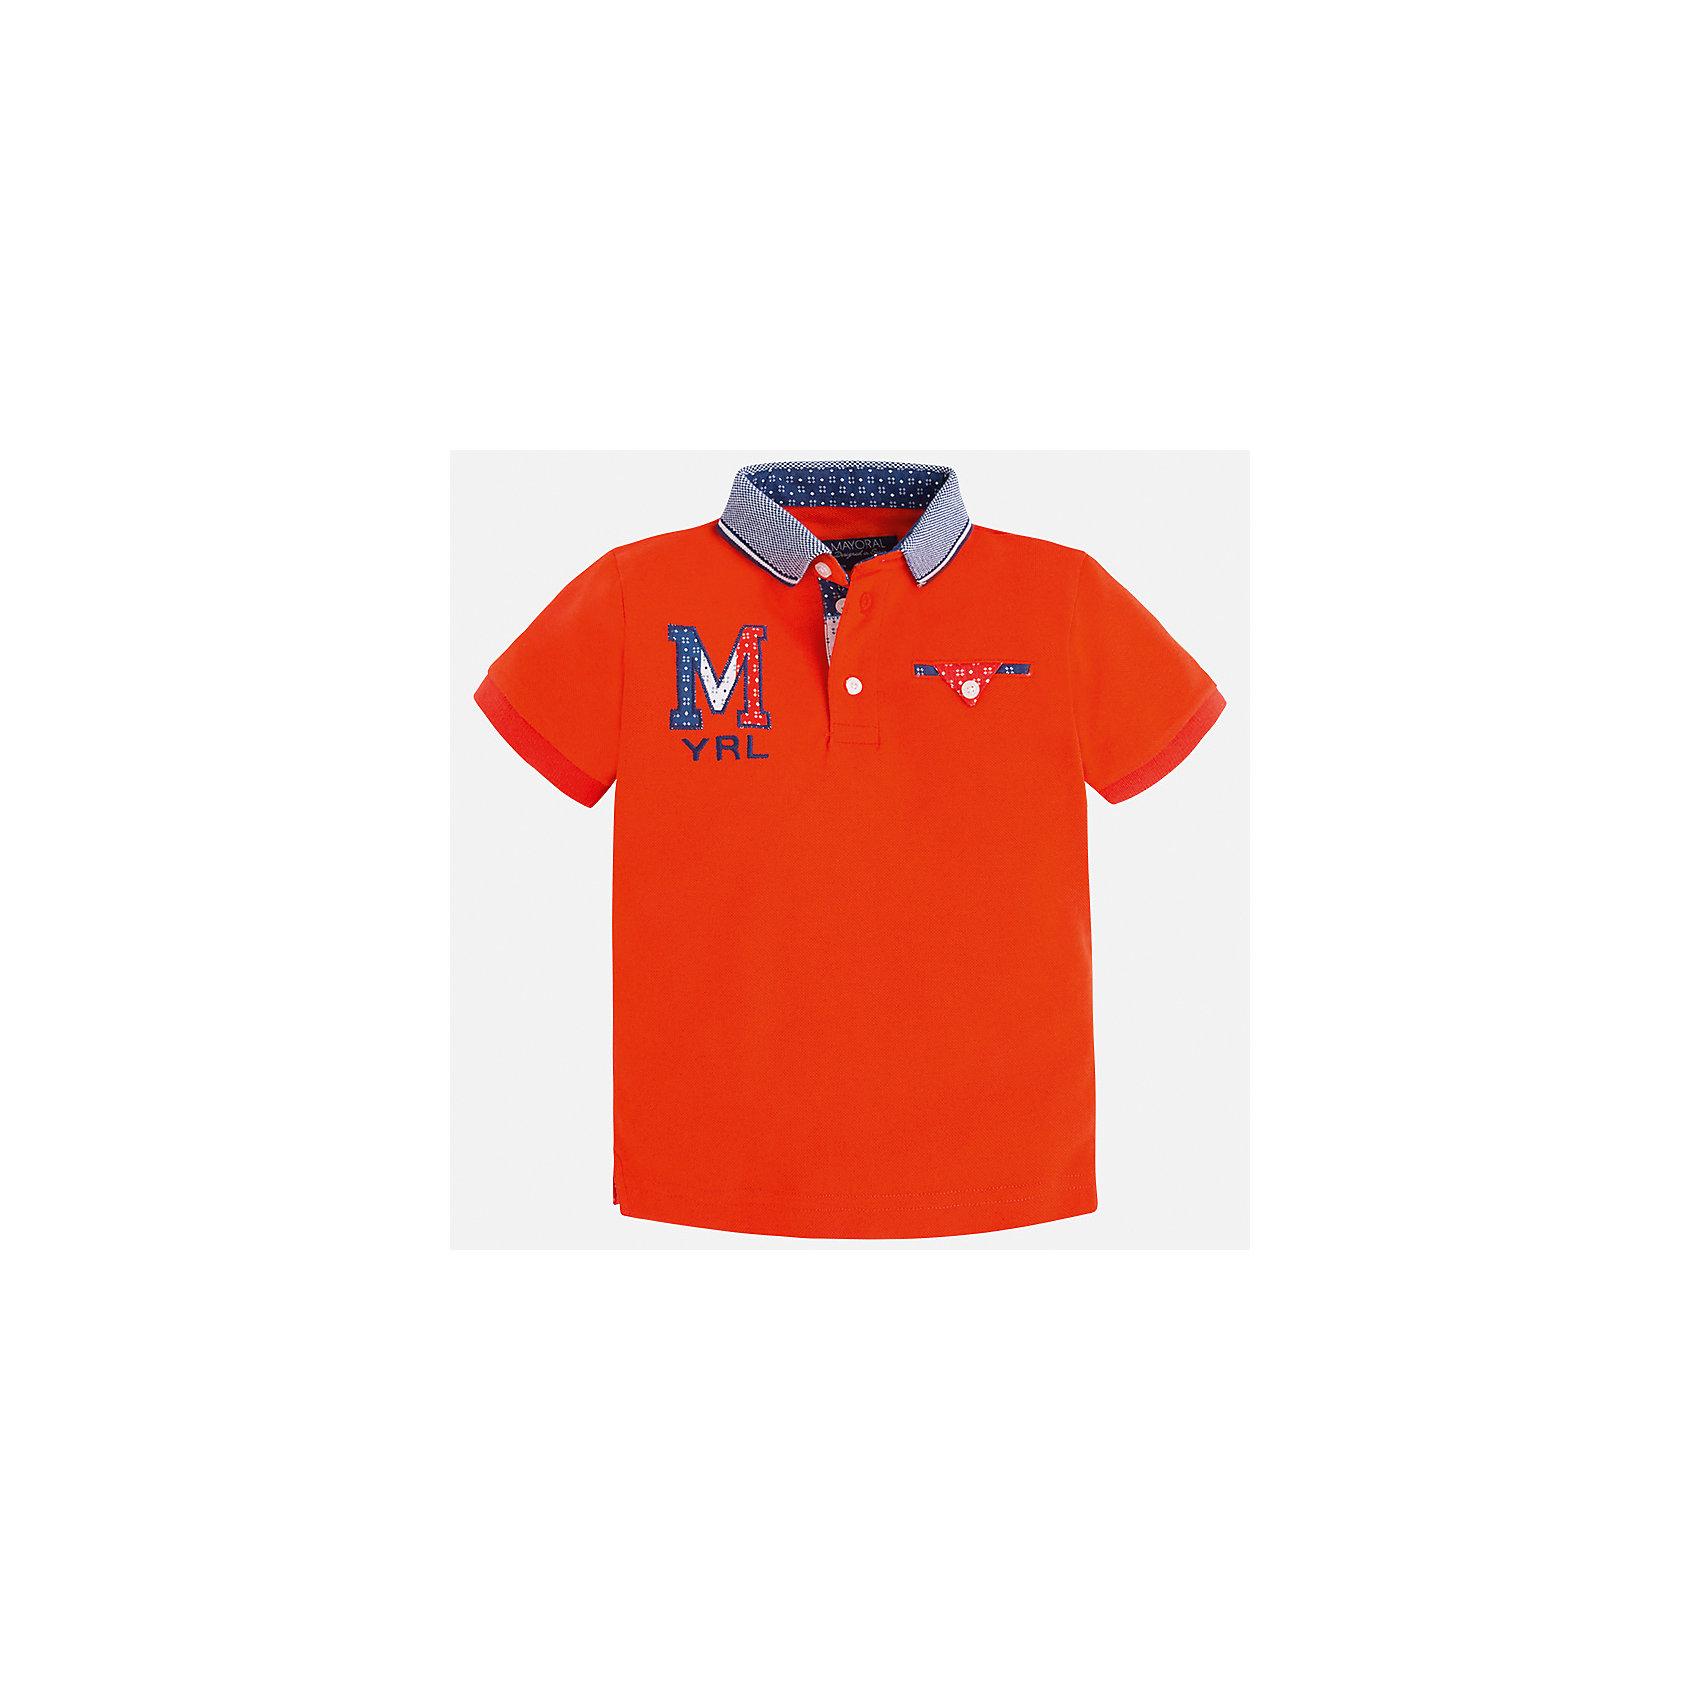 Футболка-поло для мальчика MayoralФутболки, поло и топы<br>Характеристики товара:<br><br>• цвет: красный<br>• состав: 100% хлопок<br>• отложной воротник<br>• приятный на ощупь материал<br>• застежка: пуговицы<br>• страна бренда: Испания<br><br>Стильная футболка-поло для мальчика может стать базовой вещью в гардеробе ребенка. Она отлично сочетается с брюками, шортами, джинсами и т.д. Универсальный крой и цвет позволяет подобрать к вещи низ разных расцветок. Практичное и стильное изделие! В составе материала - только натуральный хлопок, гипоаллергенный, приятный на ощупь, дышащий.<br><br>Одежда, обувь и аксессуары от испанского бренда Mayoral полюбились детям и взрослым по всему миру. Модели этой марки - стильные и удобные. Для их производства используются только безопасные, качественные материалы и фурнитура. Порадуйте ребенка модными и красивыми вещами от Mayoral! <br><br>Футболку-поло для мальчика от испанского бренда Mayoral (Майорал) можно купить в нашем интернет-магазине.<br><br>Ширина мм: 230<br>Глубина мм: 40<br>Высота мм: 220<br>Вес г: 250<br>Цвет: красный<br>Возраст от месяцев: 36<br>Возраст до месяцев: 48<br>Пол: Мужской<br>Возраст: Детский<br>Размер: 104,110,116,122,134,128,92,98<br>SKU: 5271940